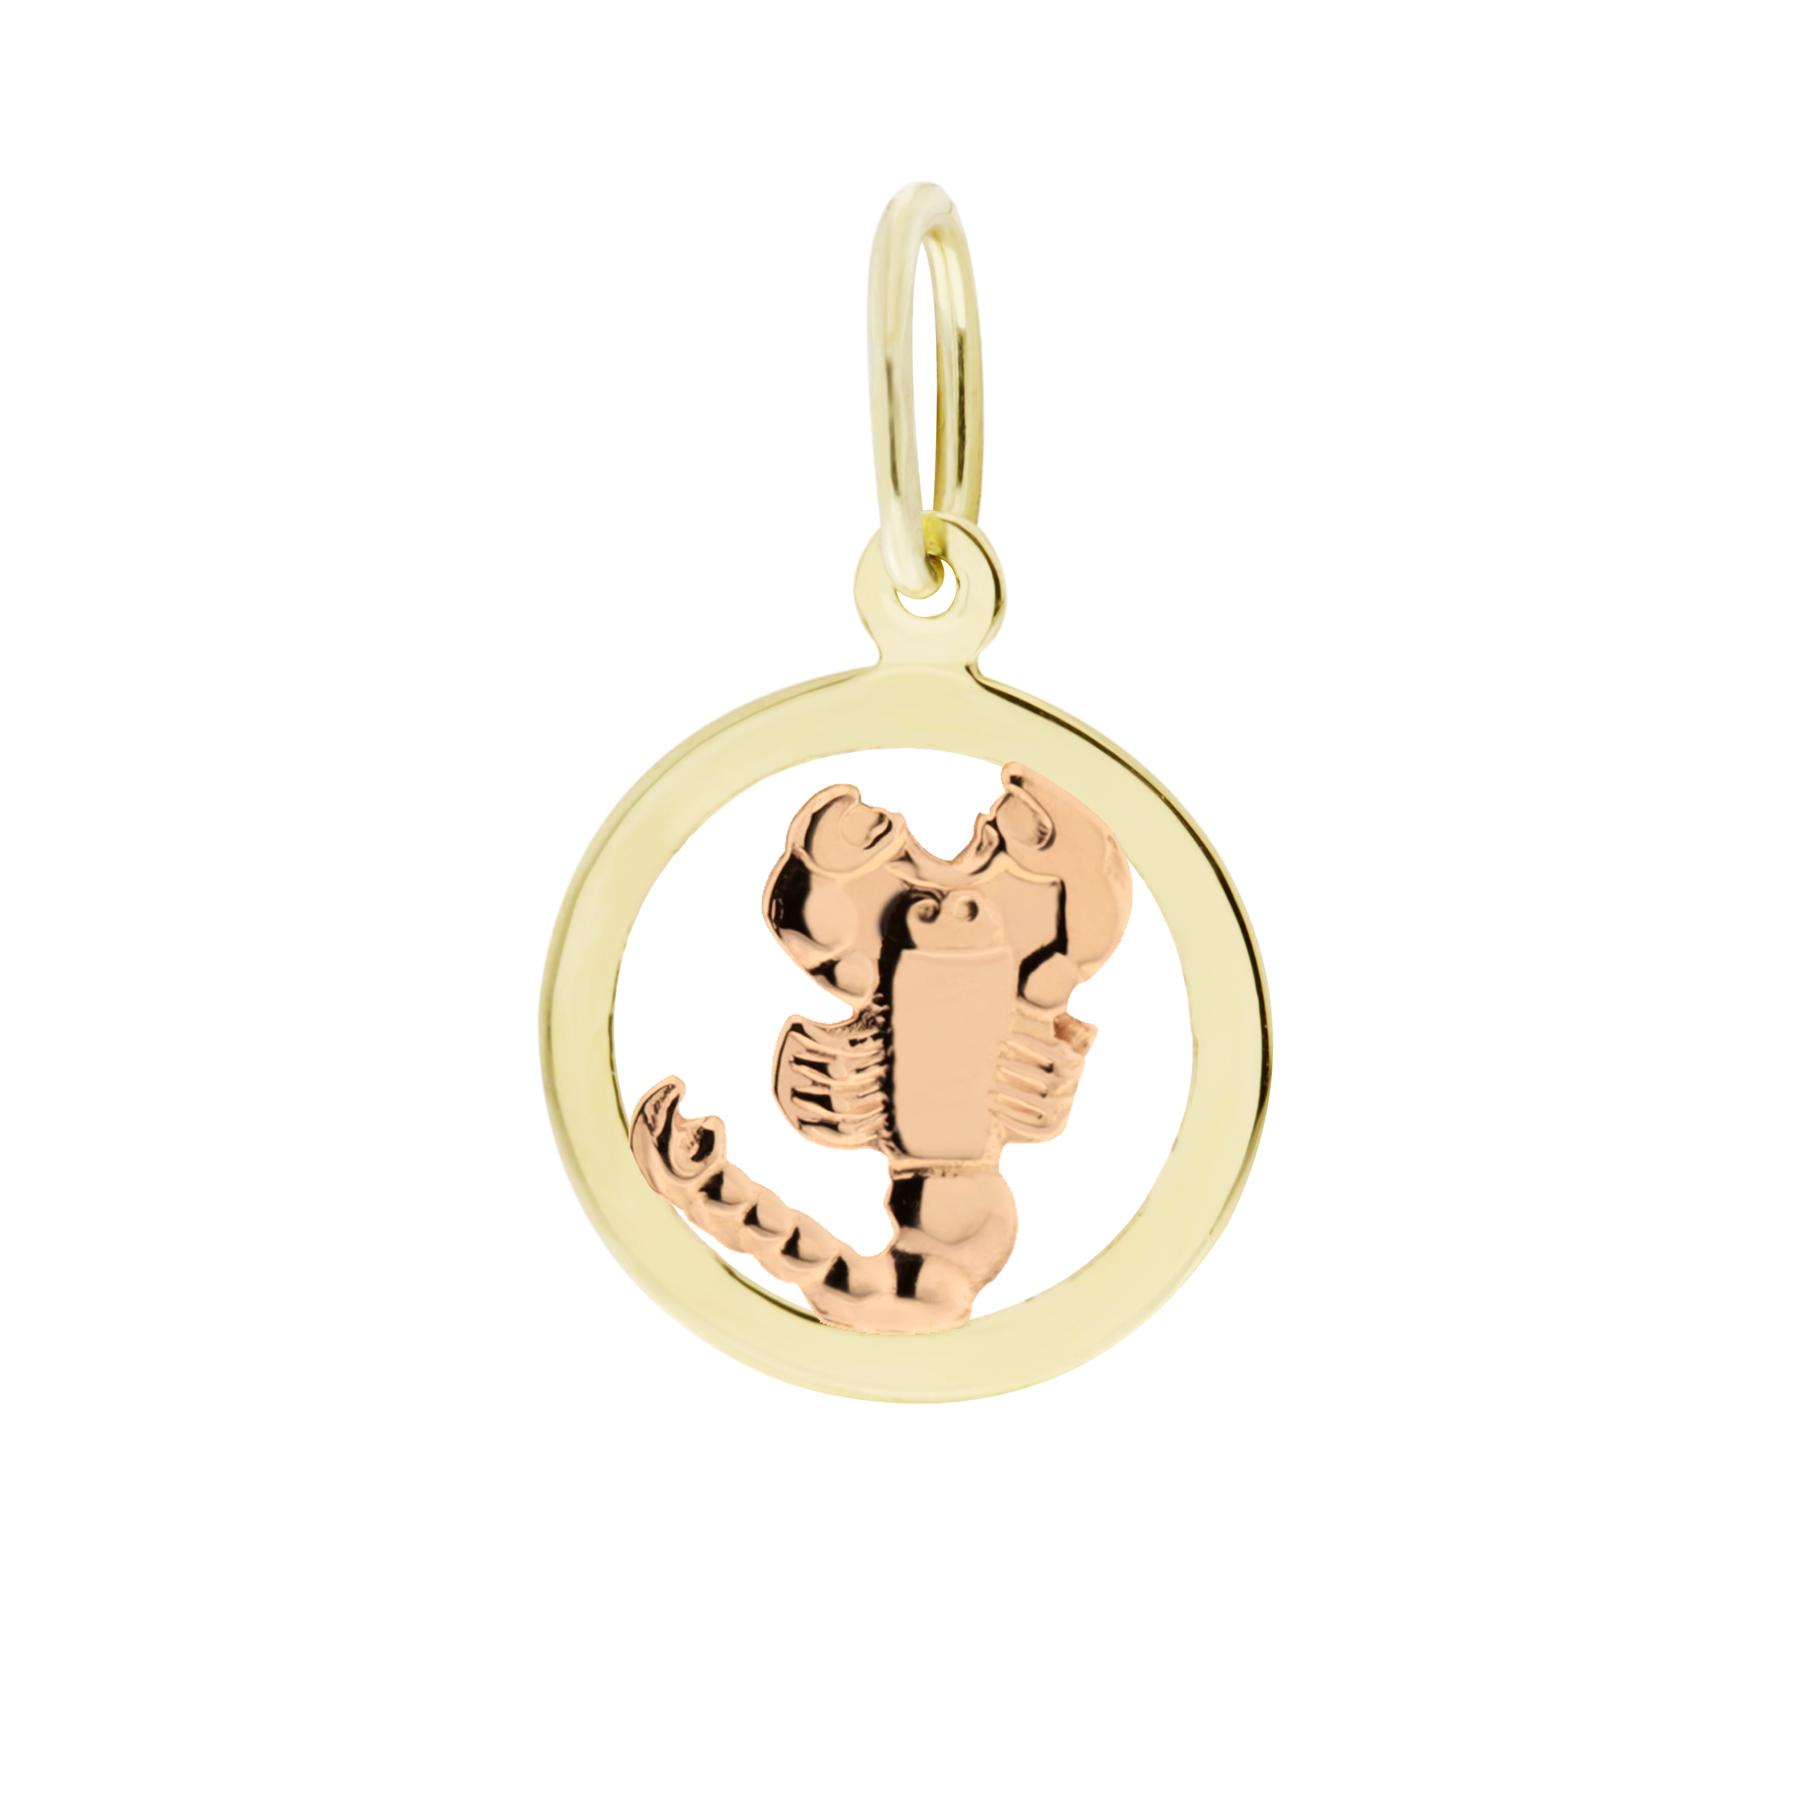 Zlatý přívěsek - znamení zvěrokruhu Štír Tvar: Kolečko, hladký rámeček